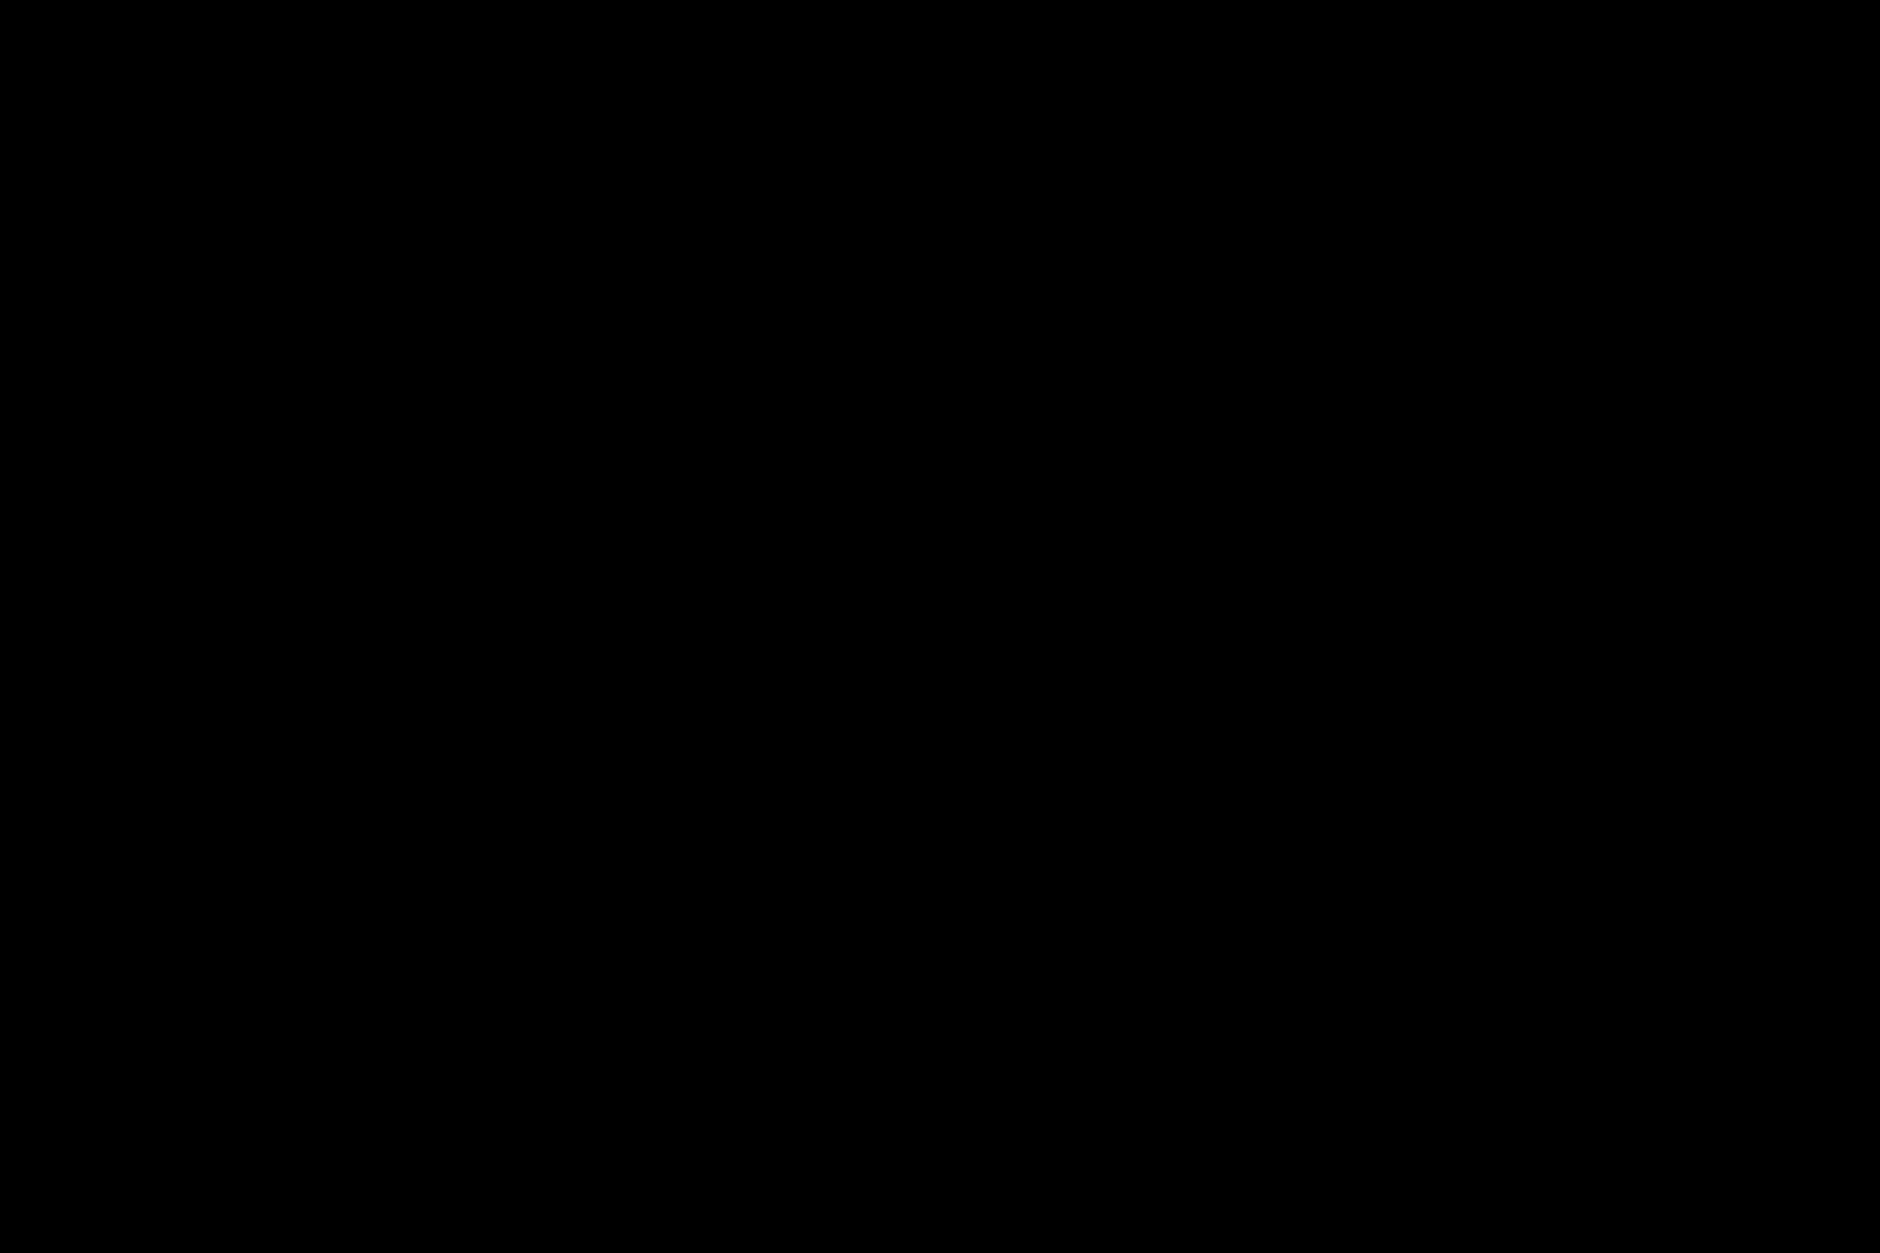 Tabaksindustrie (02-06-2018)